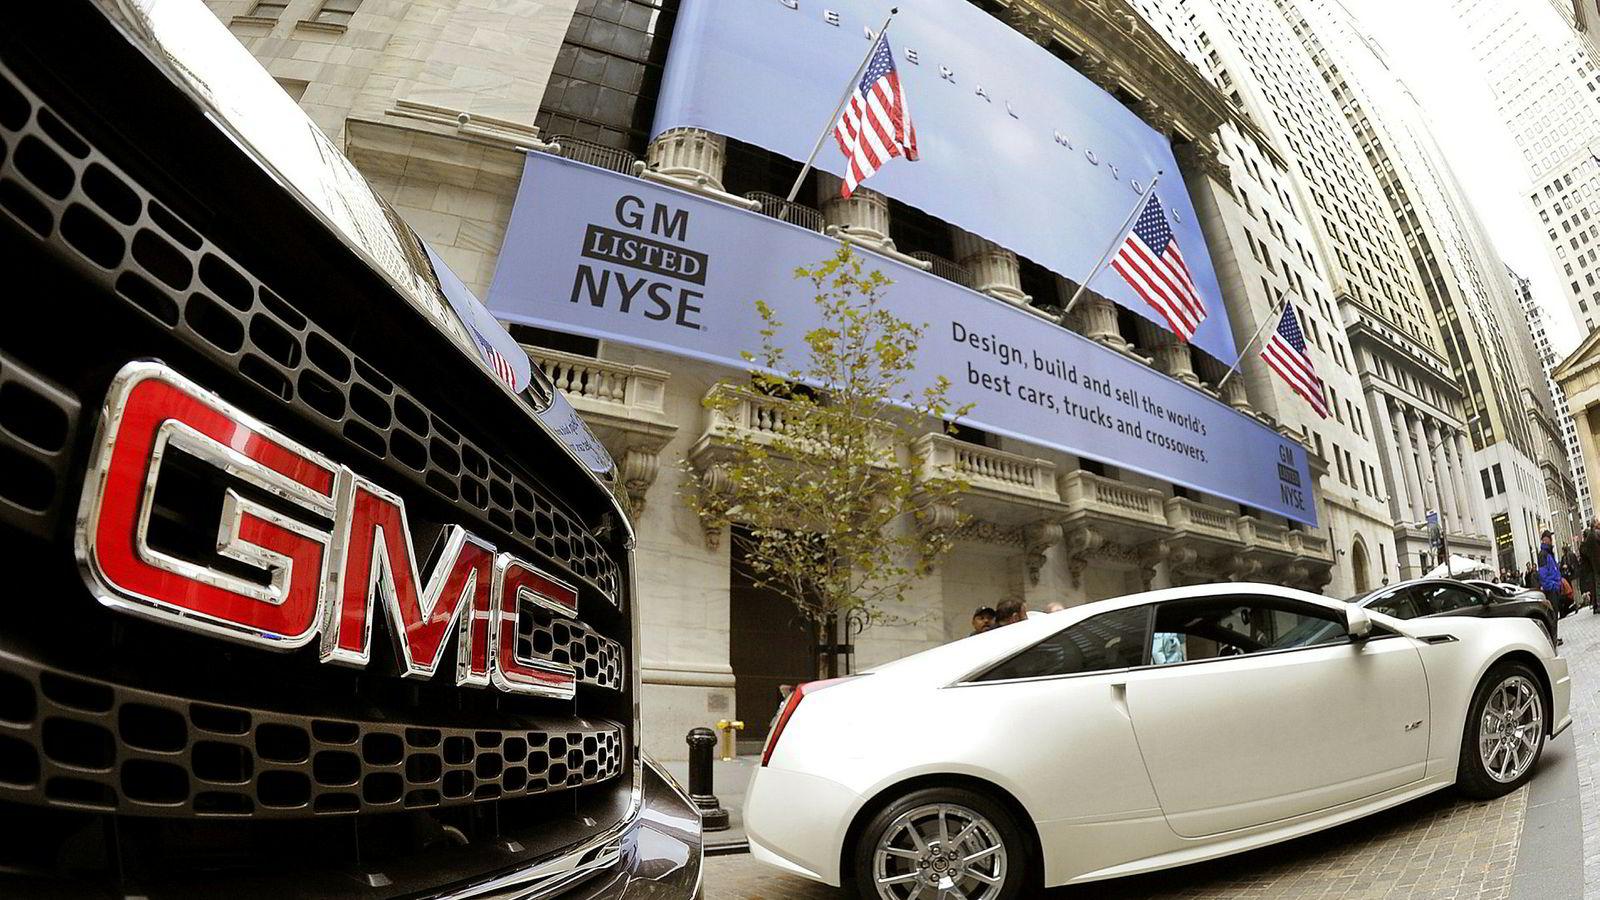 General Motors gjør det bedre enn ventet, men faller på børsen på grunn av grimme utsikter for handelskrig og dyrere metaller.